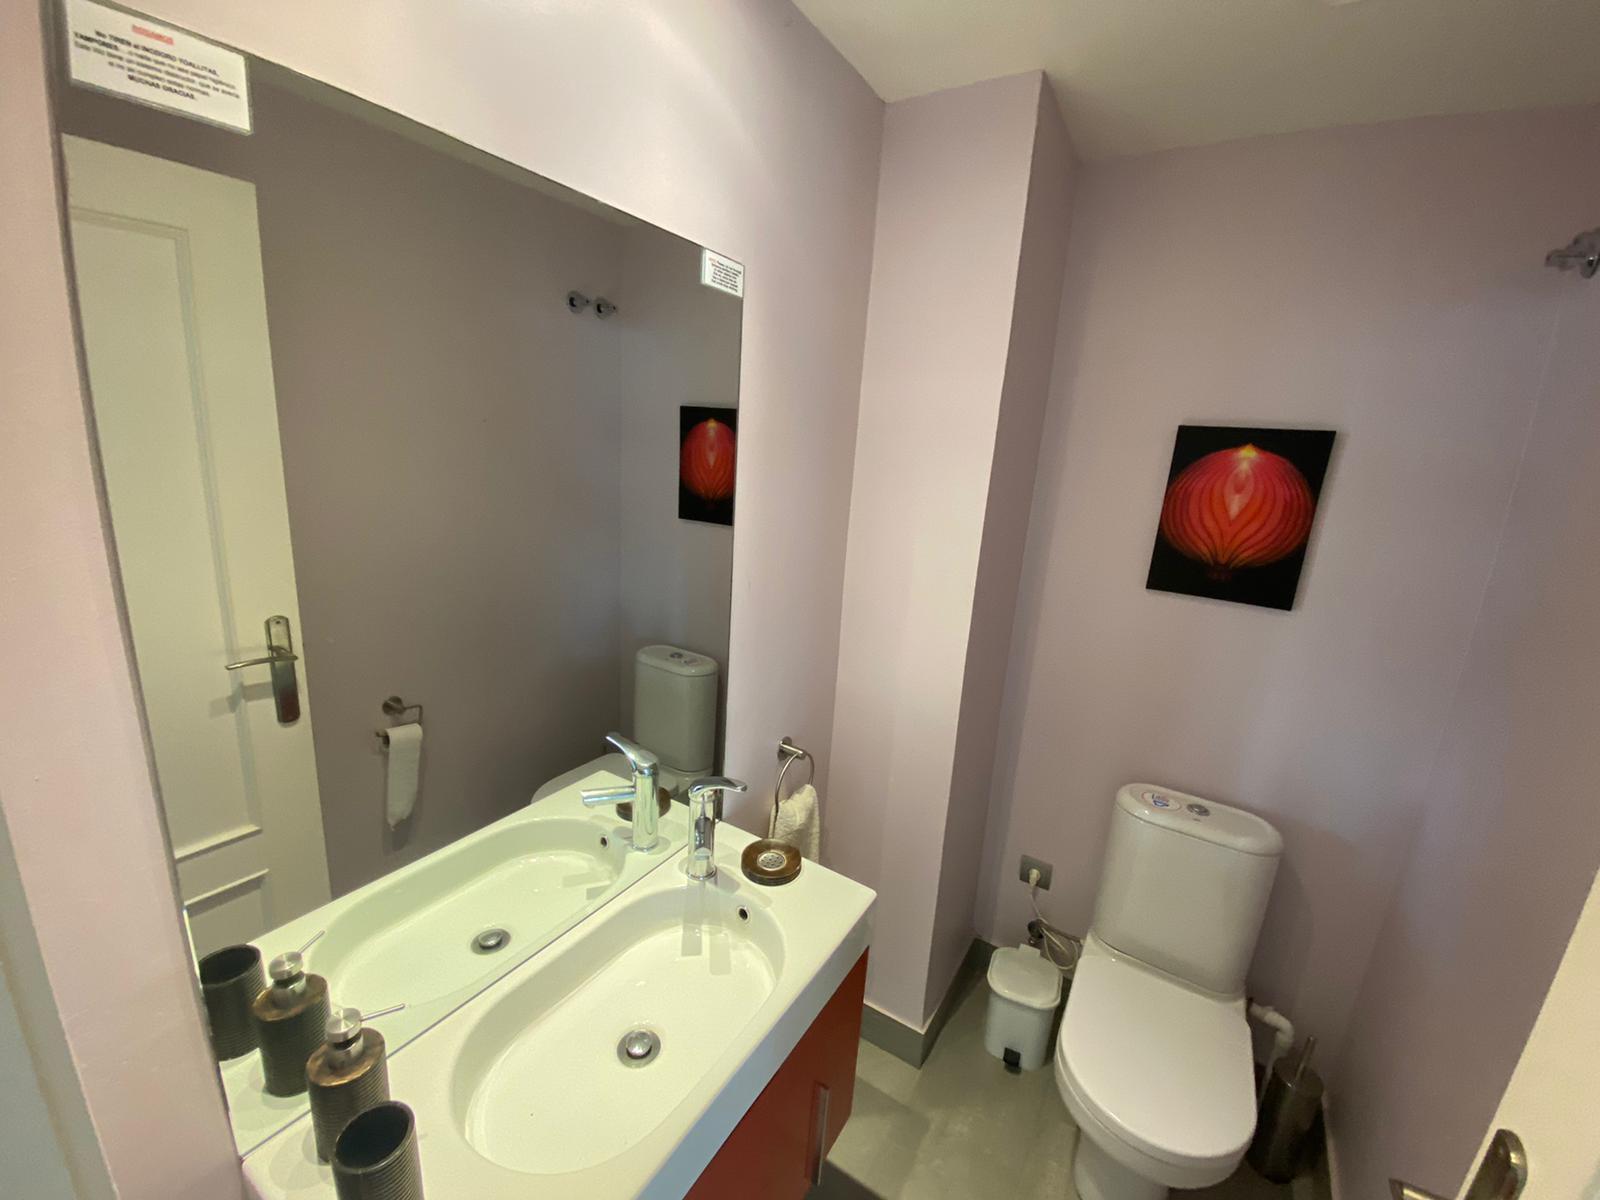 Imagen 23 del Apartamento Turístico, Ático 1 Poniente (3d+2b), Punta del Moral (HUELVA), Paseo de la Cruz nº22